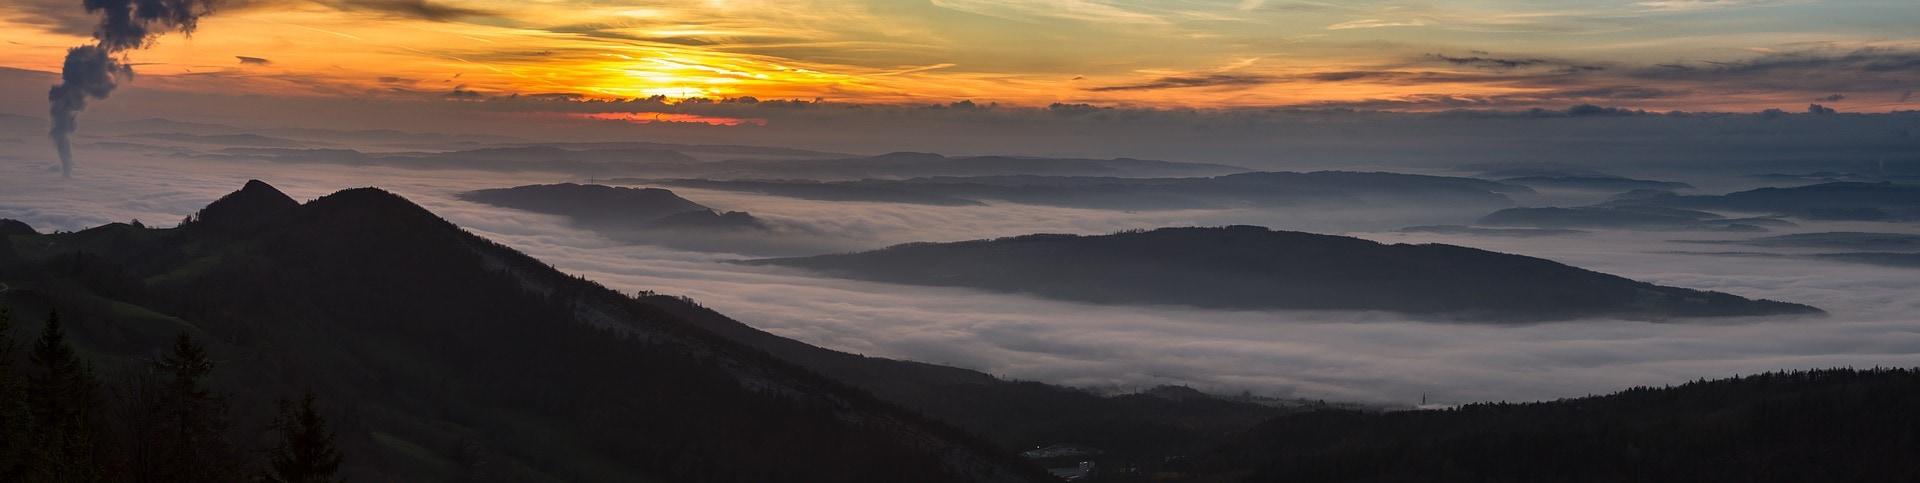 fotografía montañas amanecer